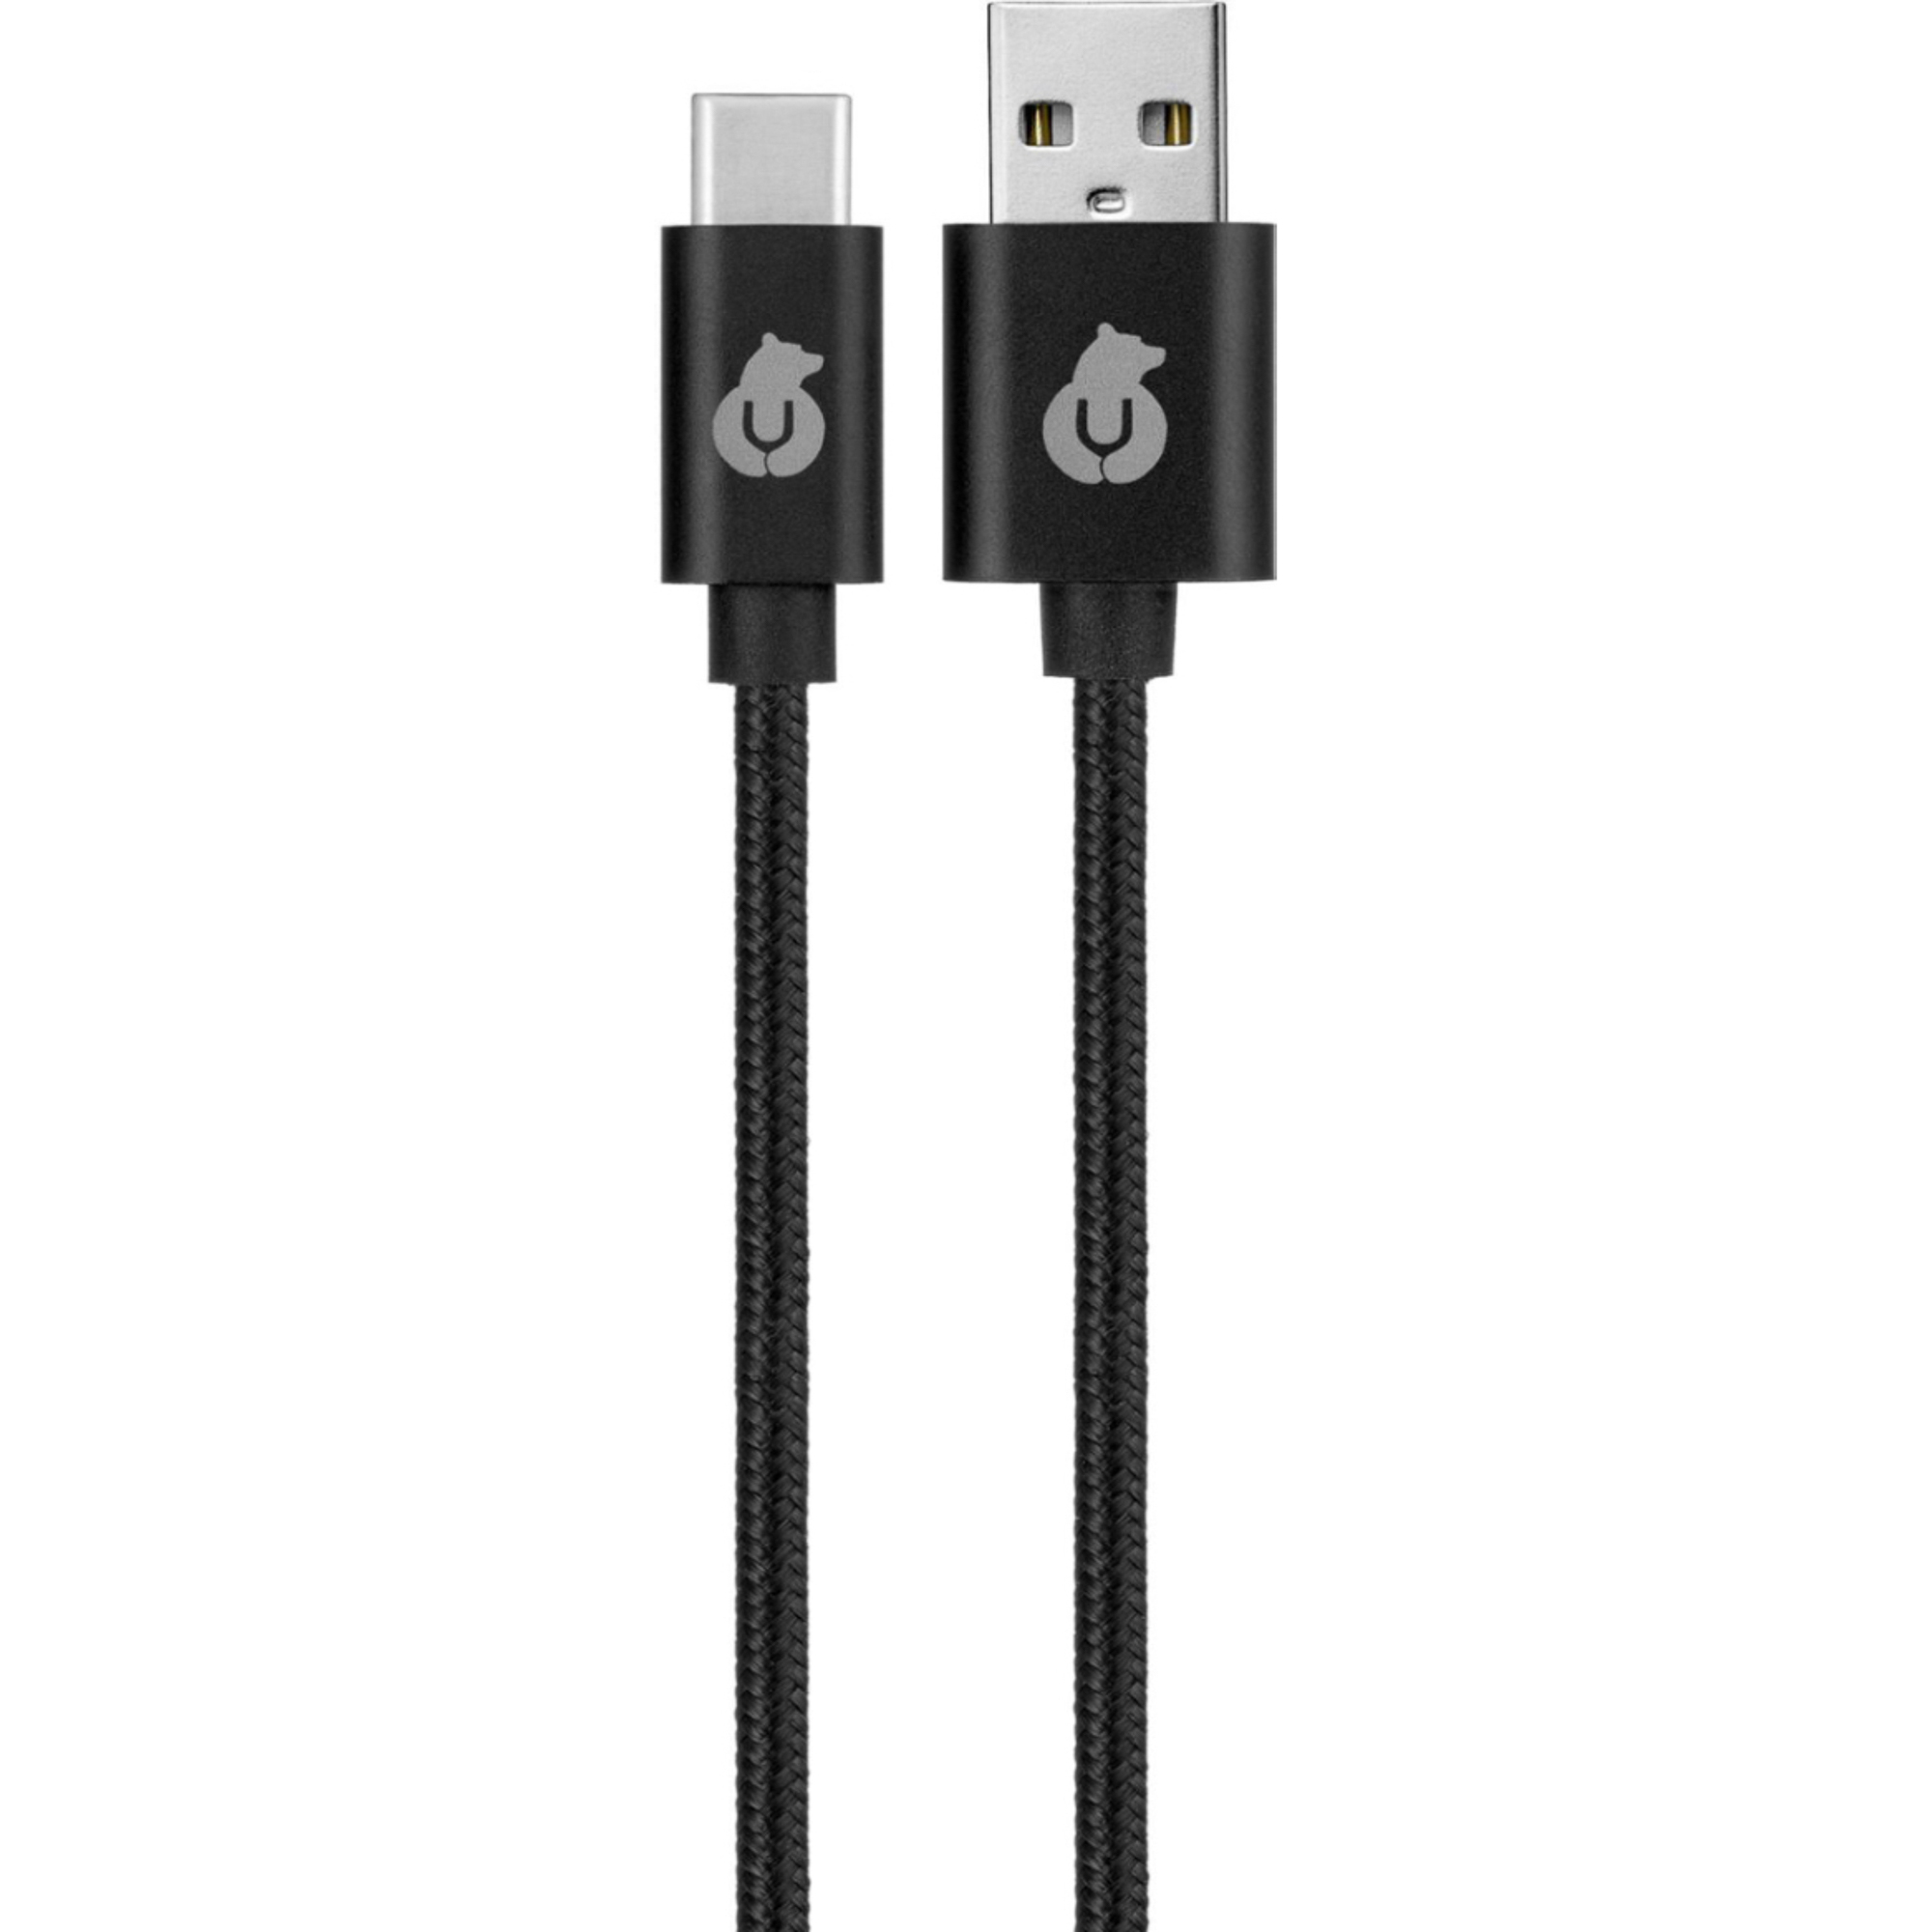 Кабель uBear Cord USB-C USB-A DC07BL01-AC 1,2 м Black